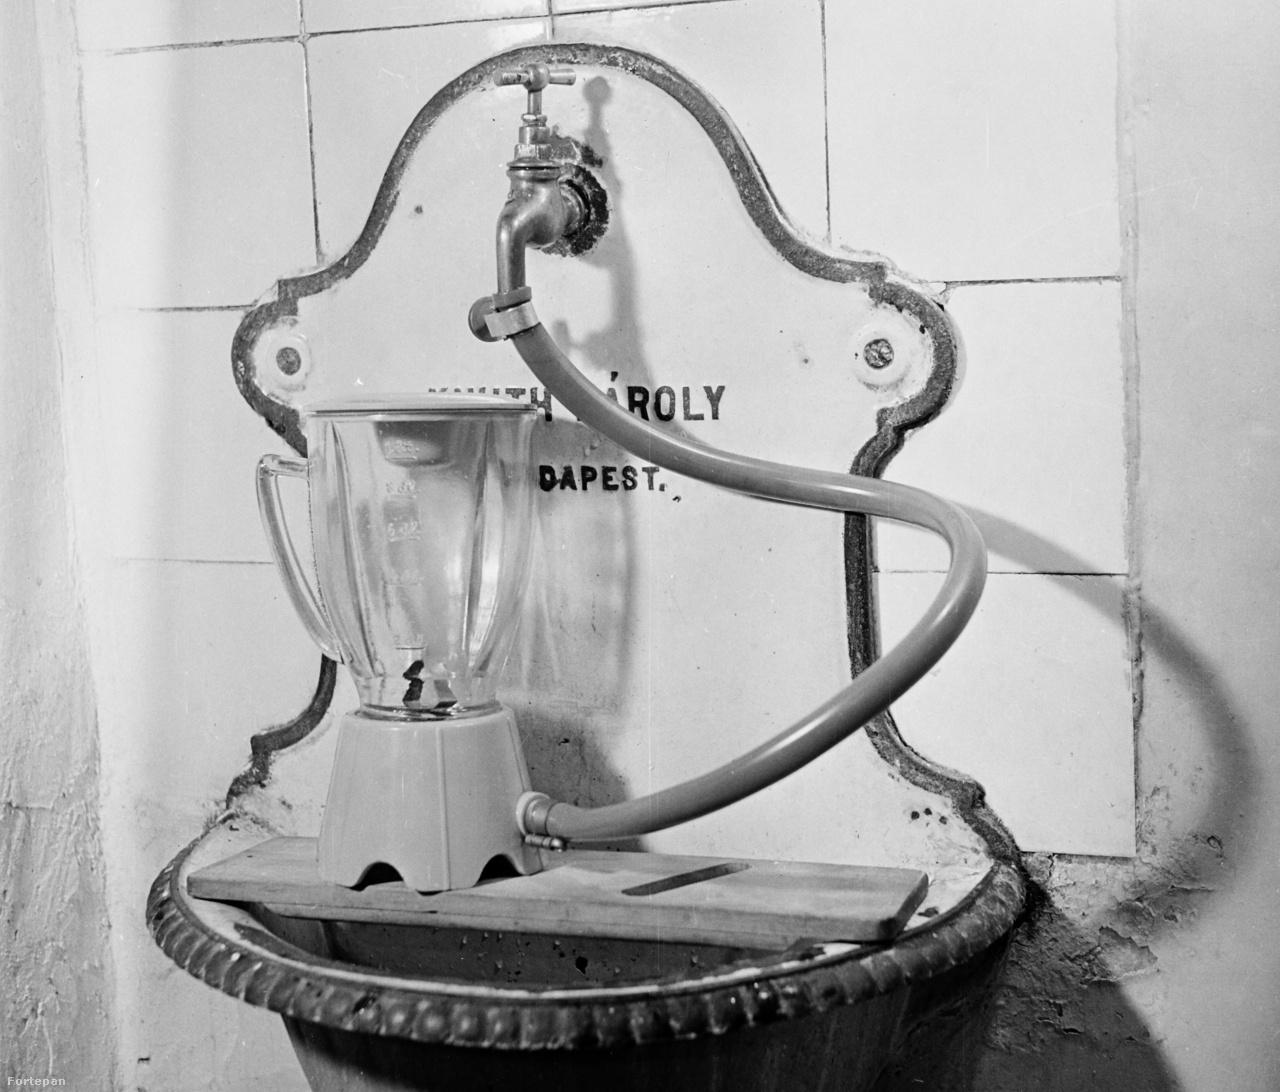 1959: nem tudunk másra gondolni, mint hogy ezt a fali csaphoz csatlakoztatott turmixgépet a víz hajtja. A 60 évvel ezelőtti minőségi buheratechnológiáról nem találtunk megnyugtató leírást.